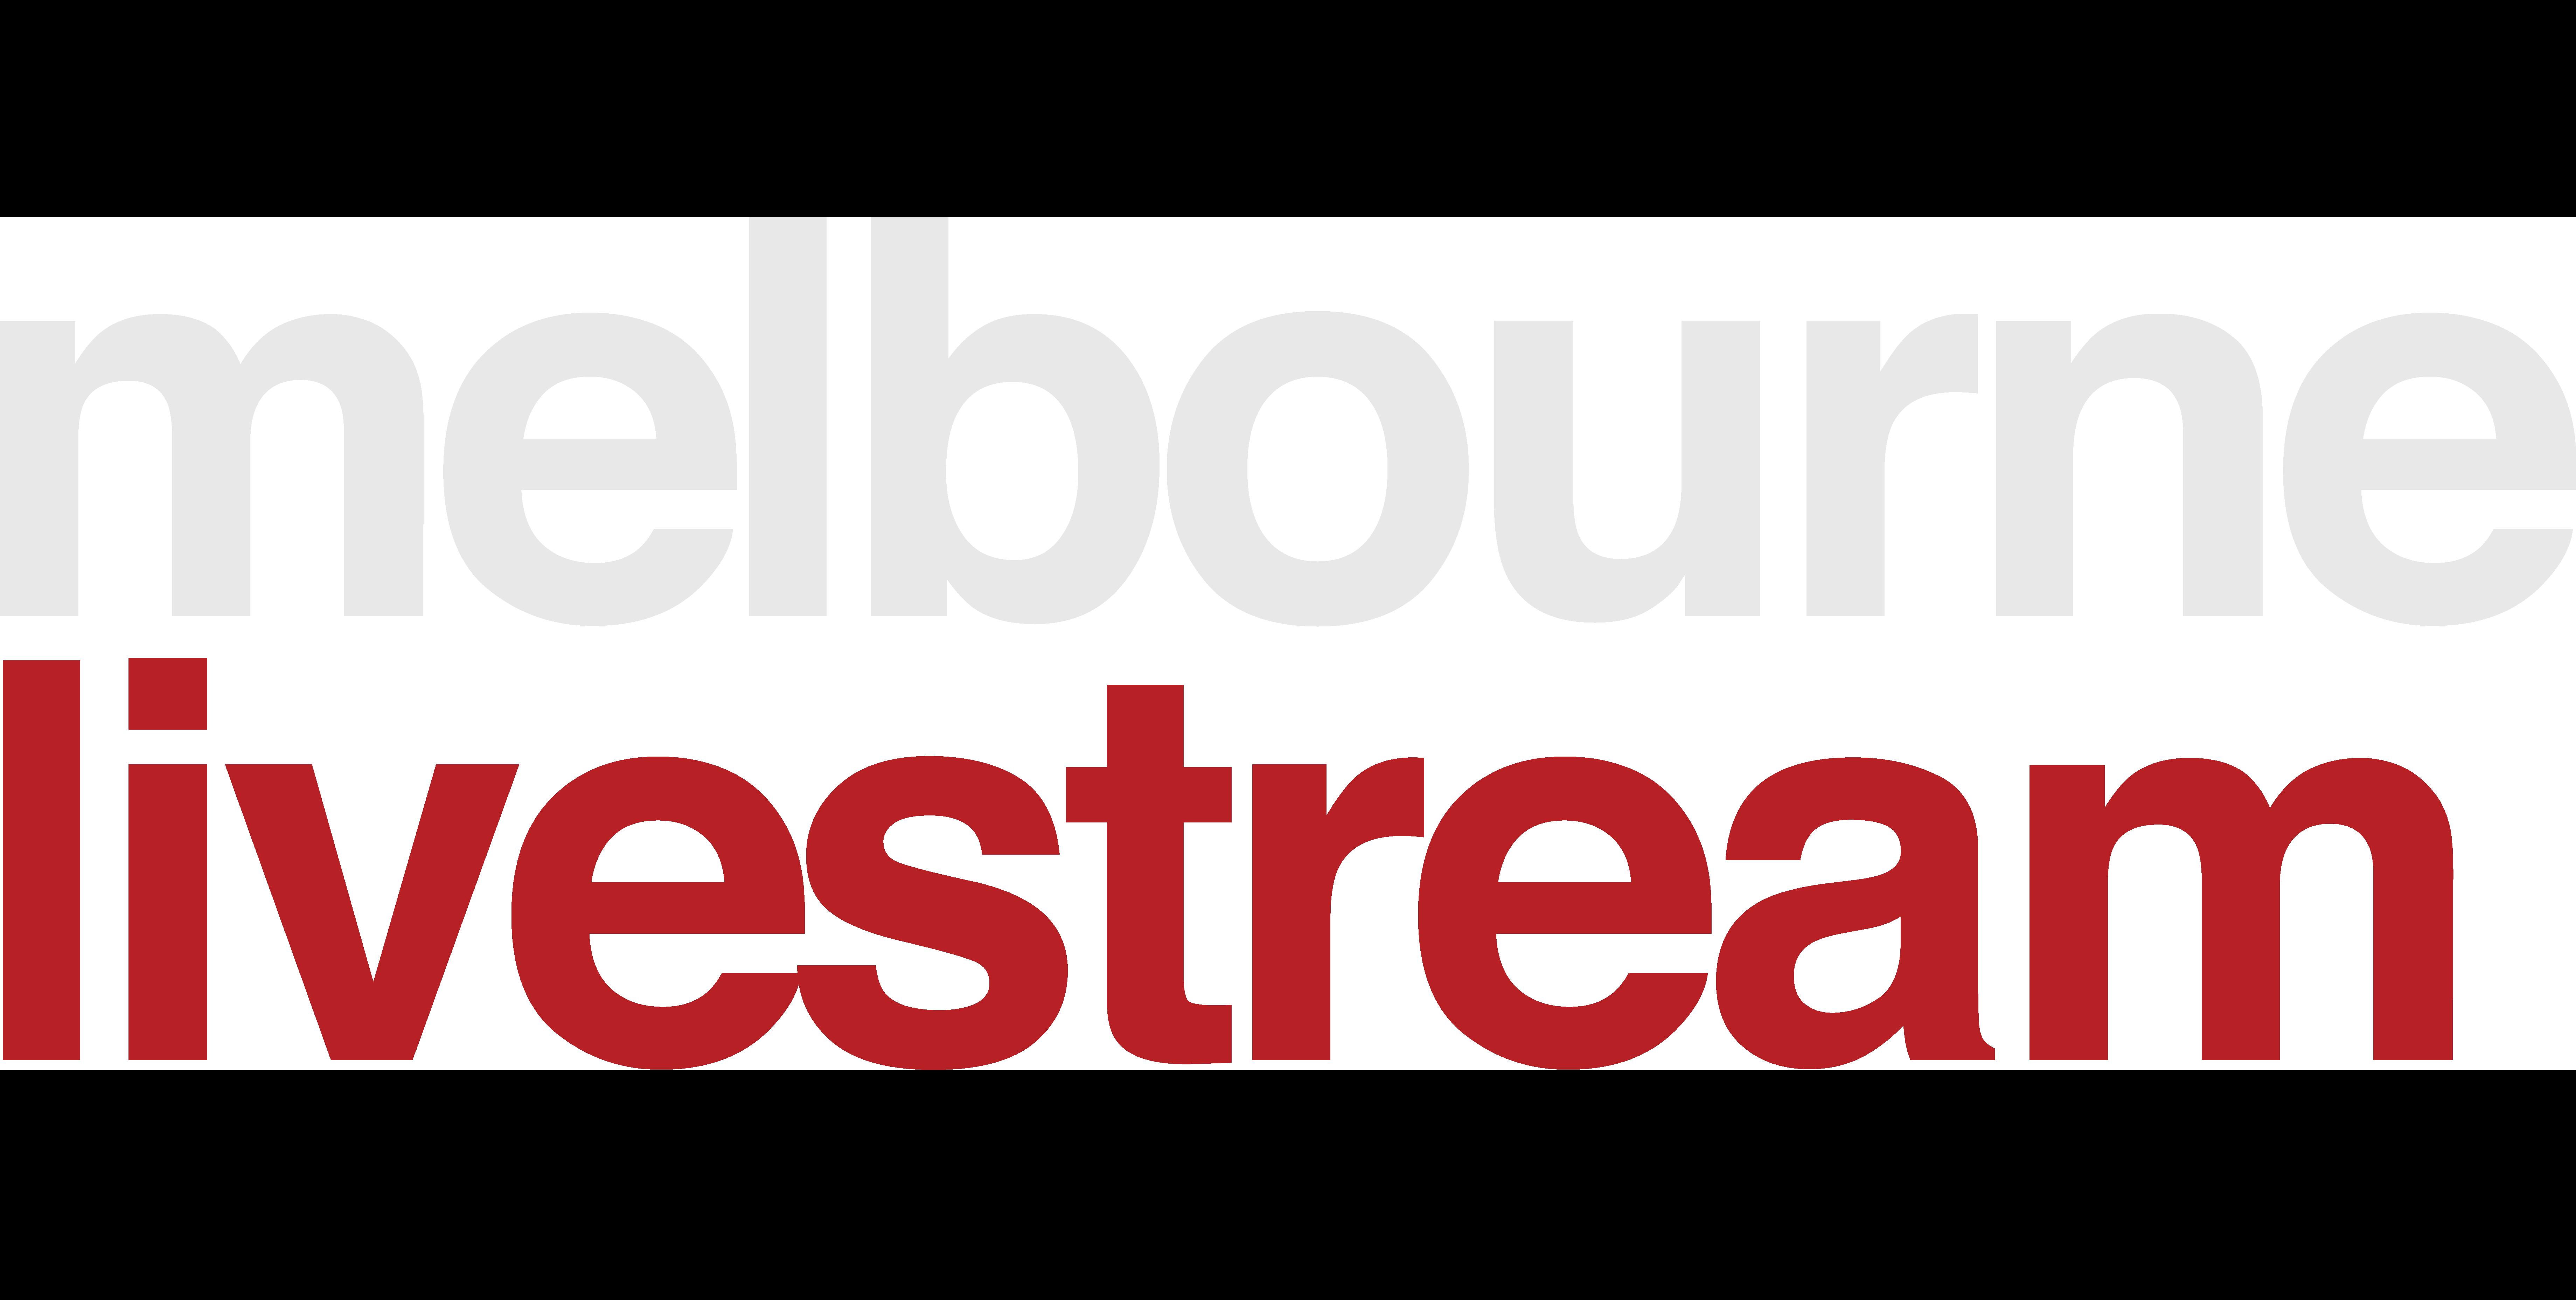 Melbourne Livestream